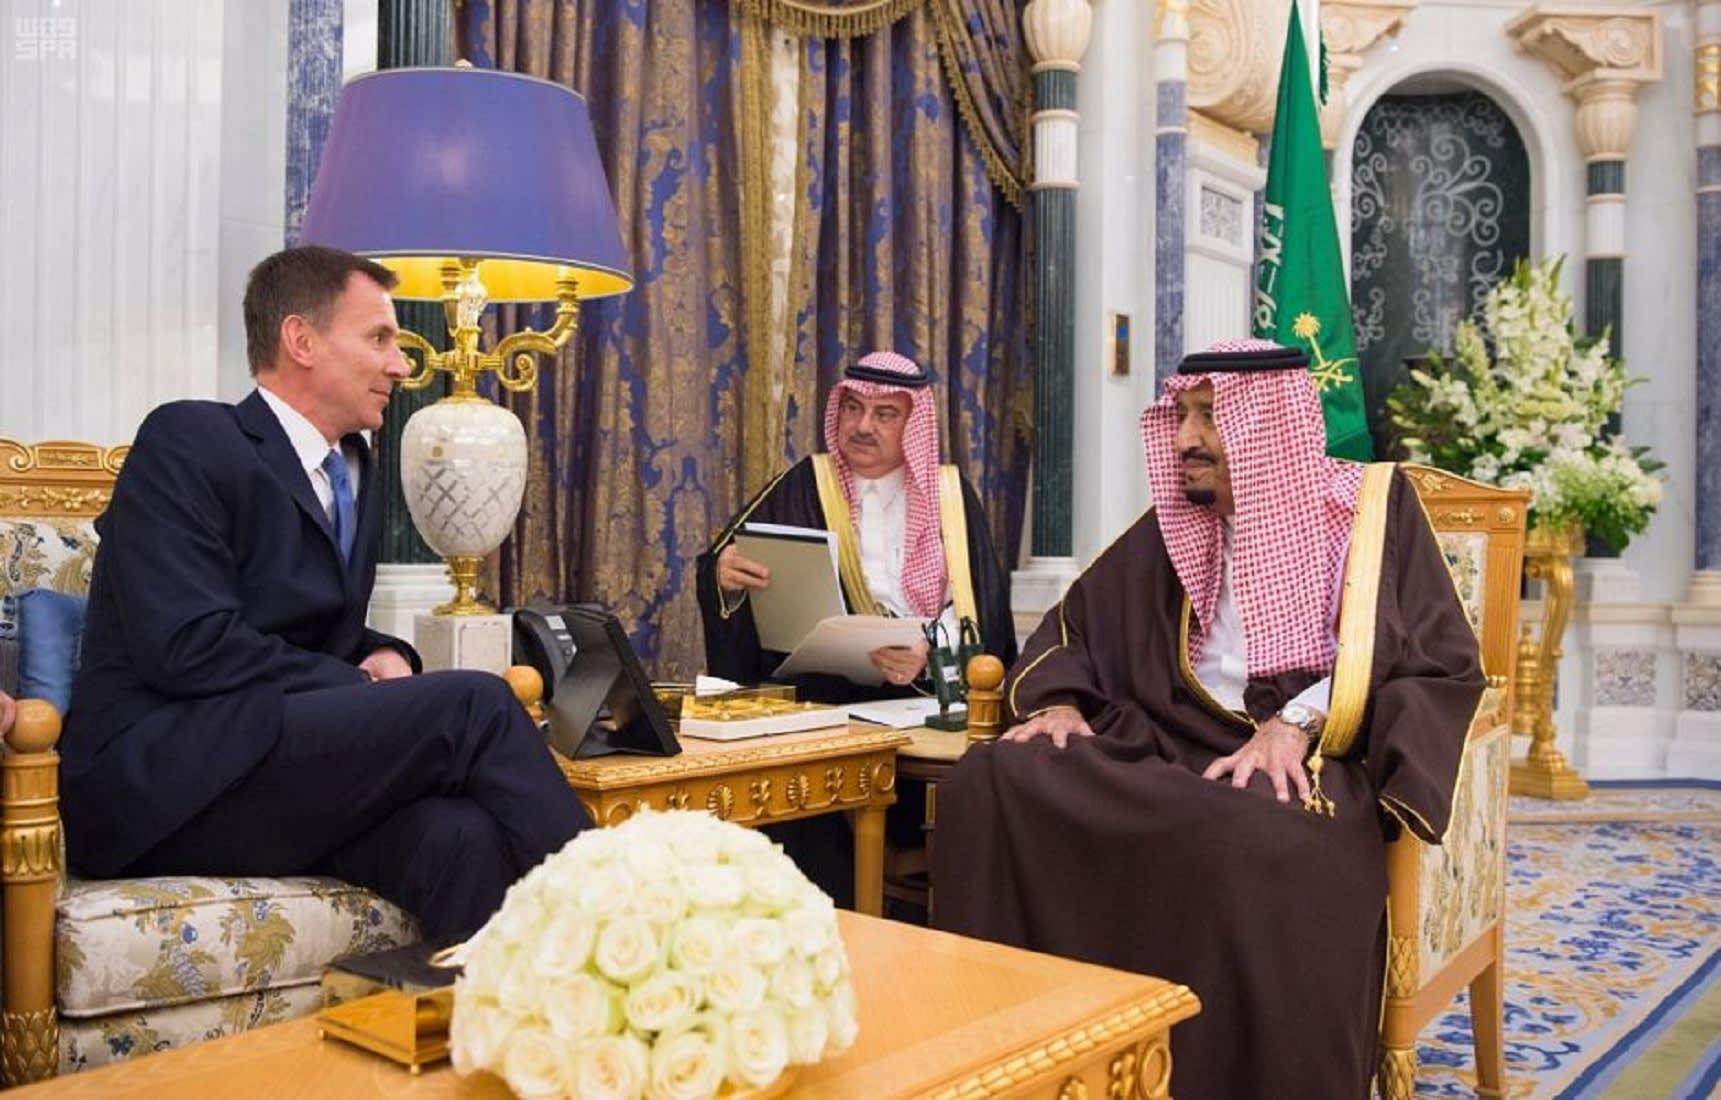 الملك سلمان يستقبل وزير خارجية بريطانيا.. والرياض: بحثا مستجات الأحداث